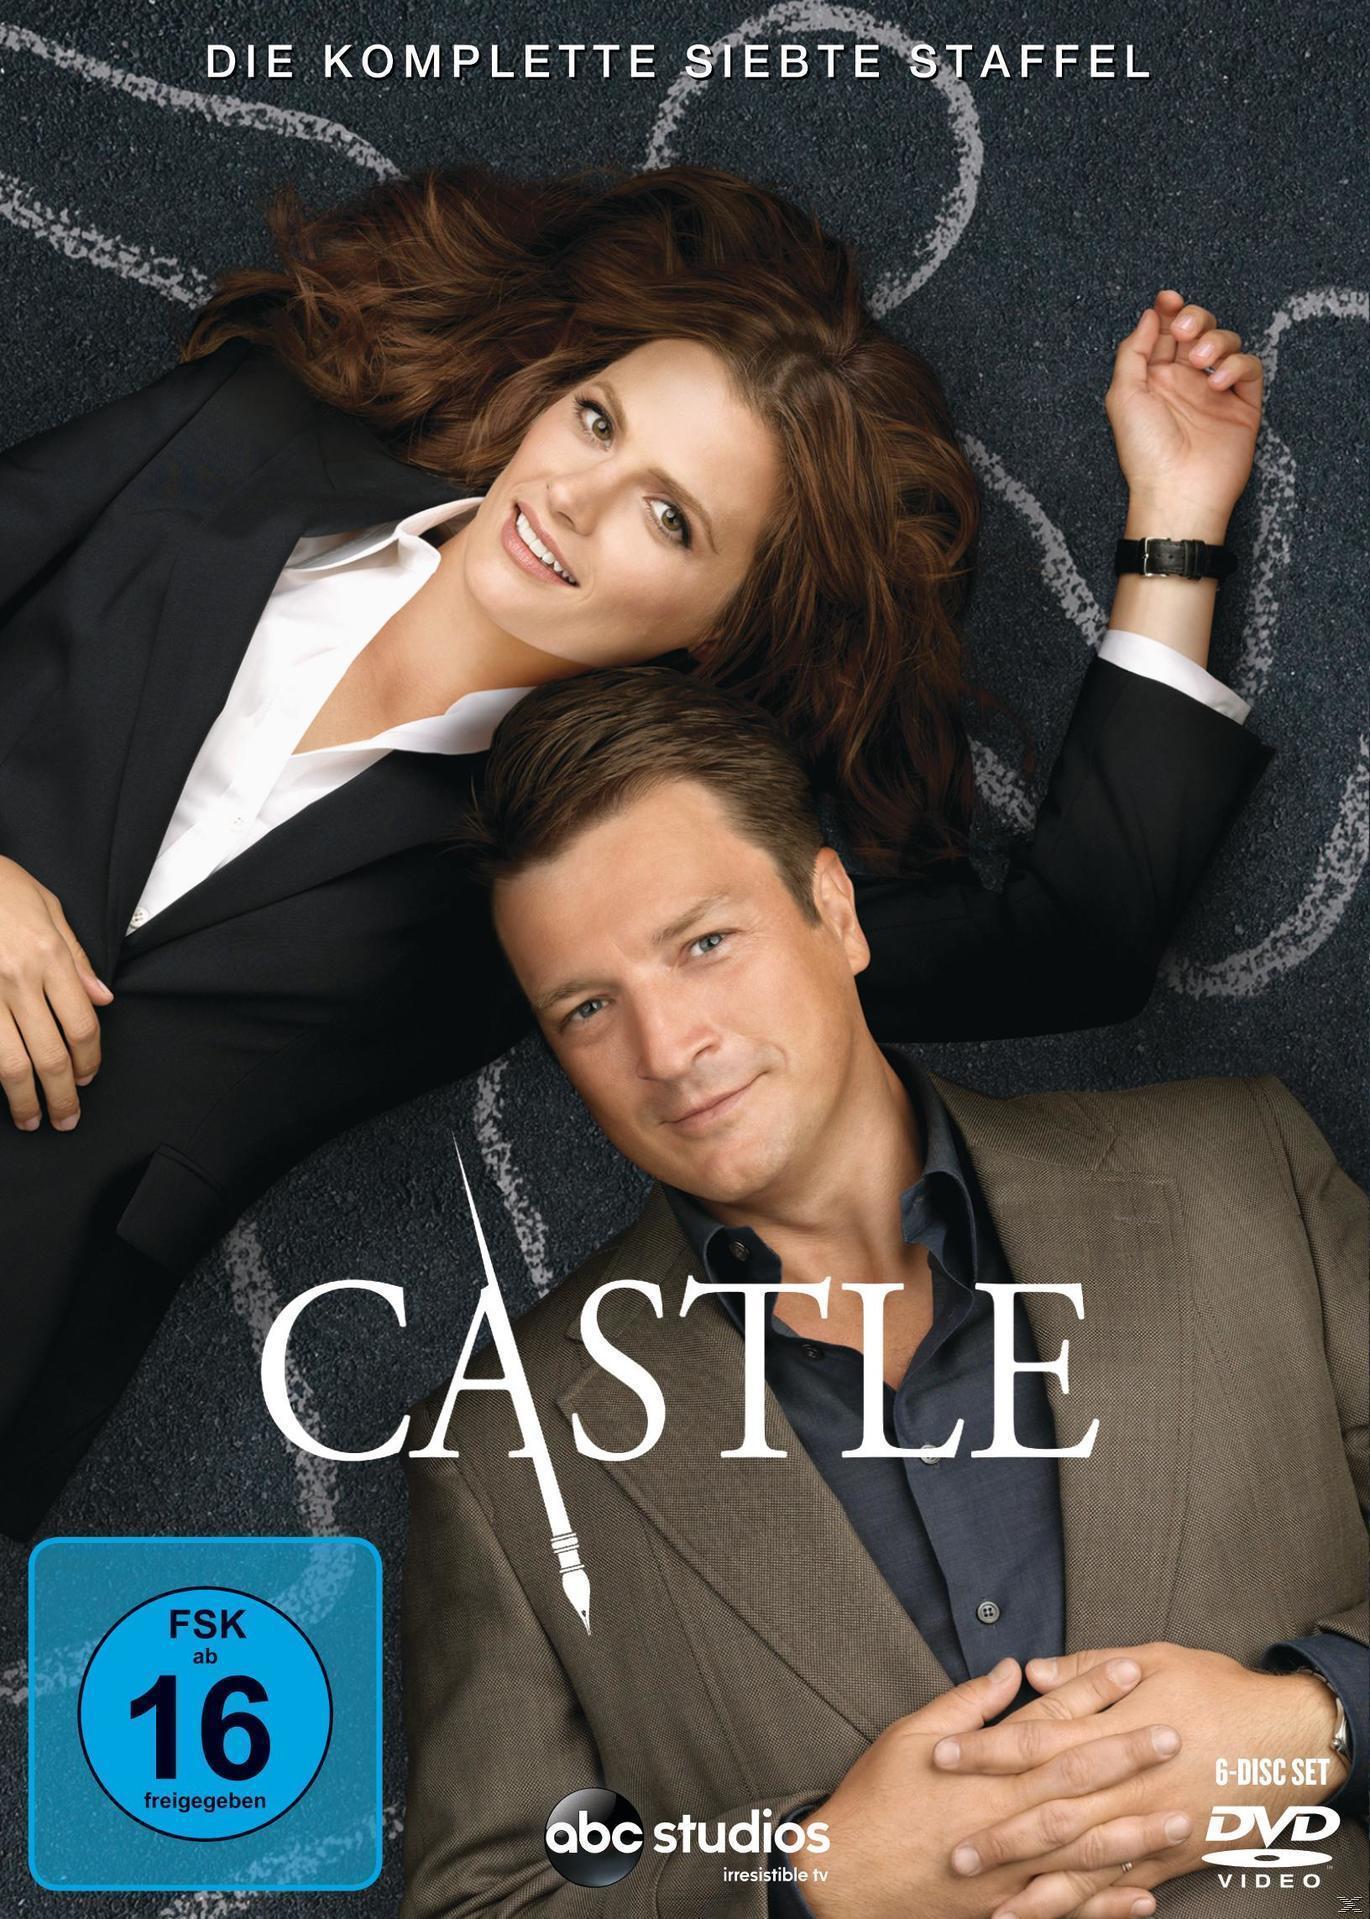 Castle - Staffel 7 DVD-Box (DVD) für 13,99 Euro